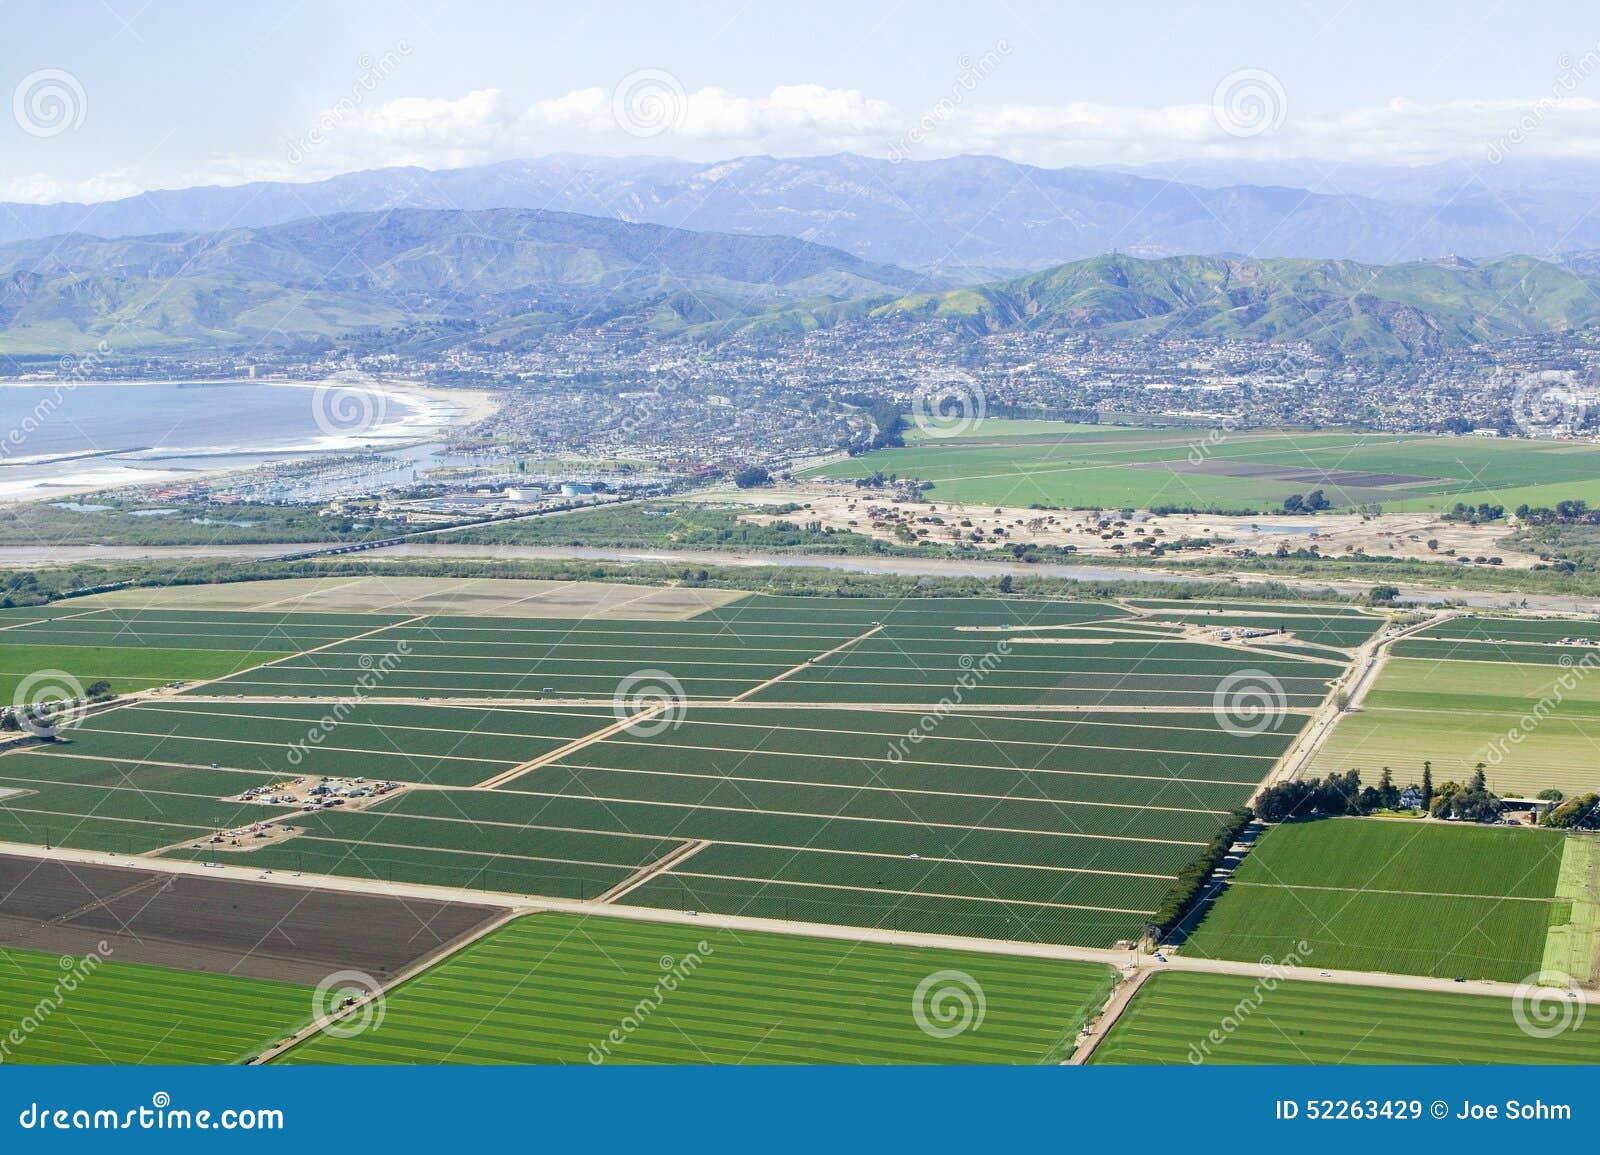 Vista aérea de los campos de granja de Oxnard en primavera con Ventura City y del Océano Pacífico en el fondo, Ventura County, CA